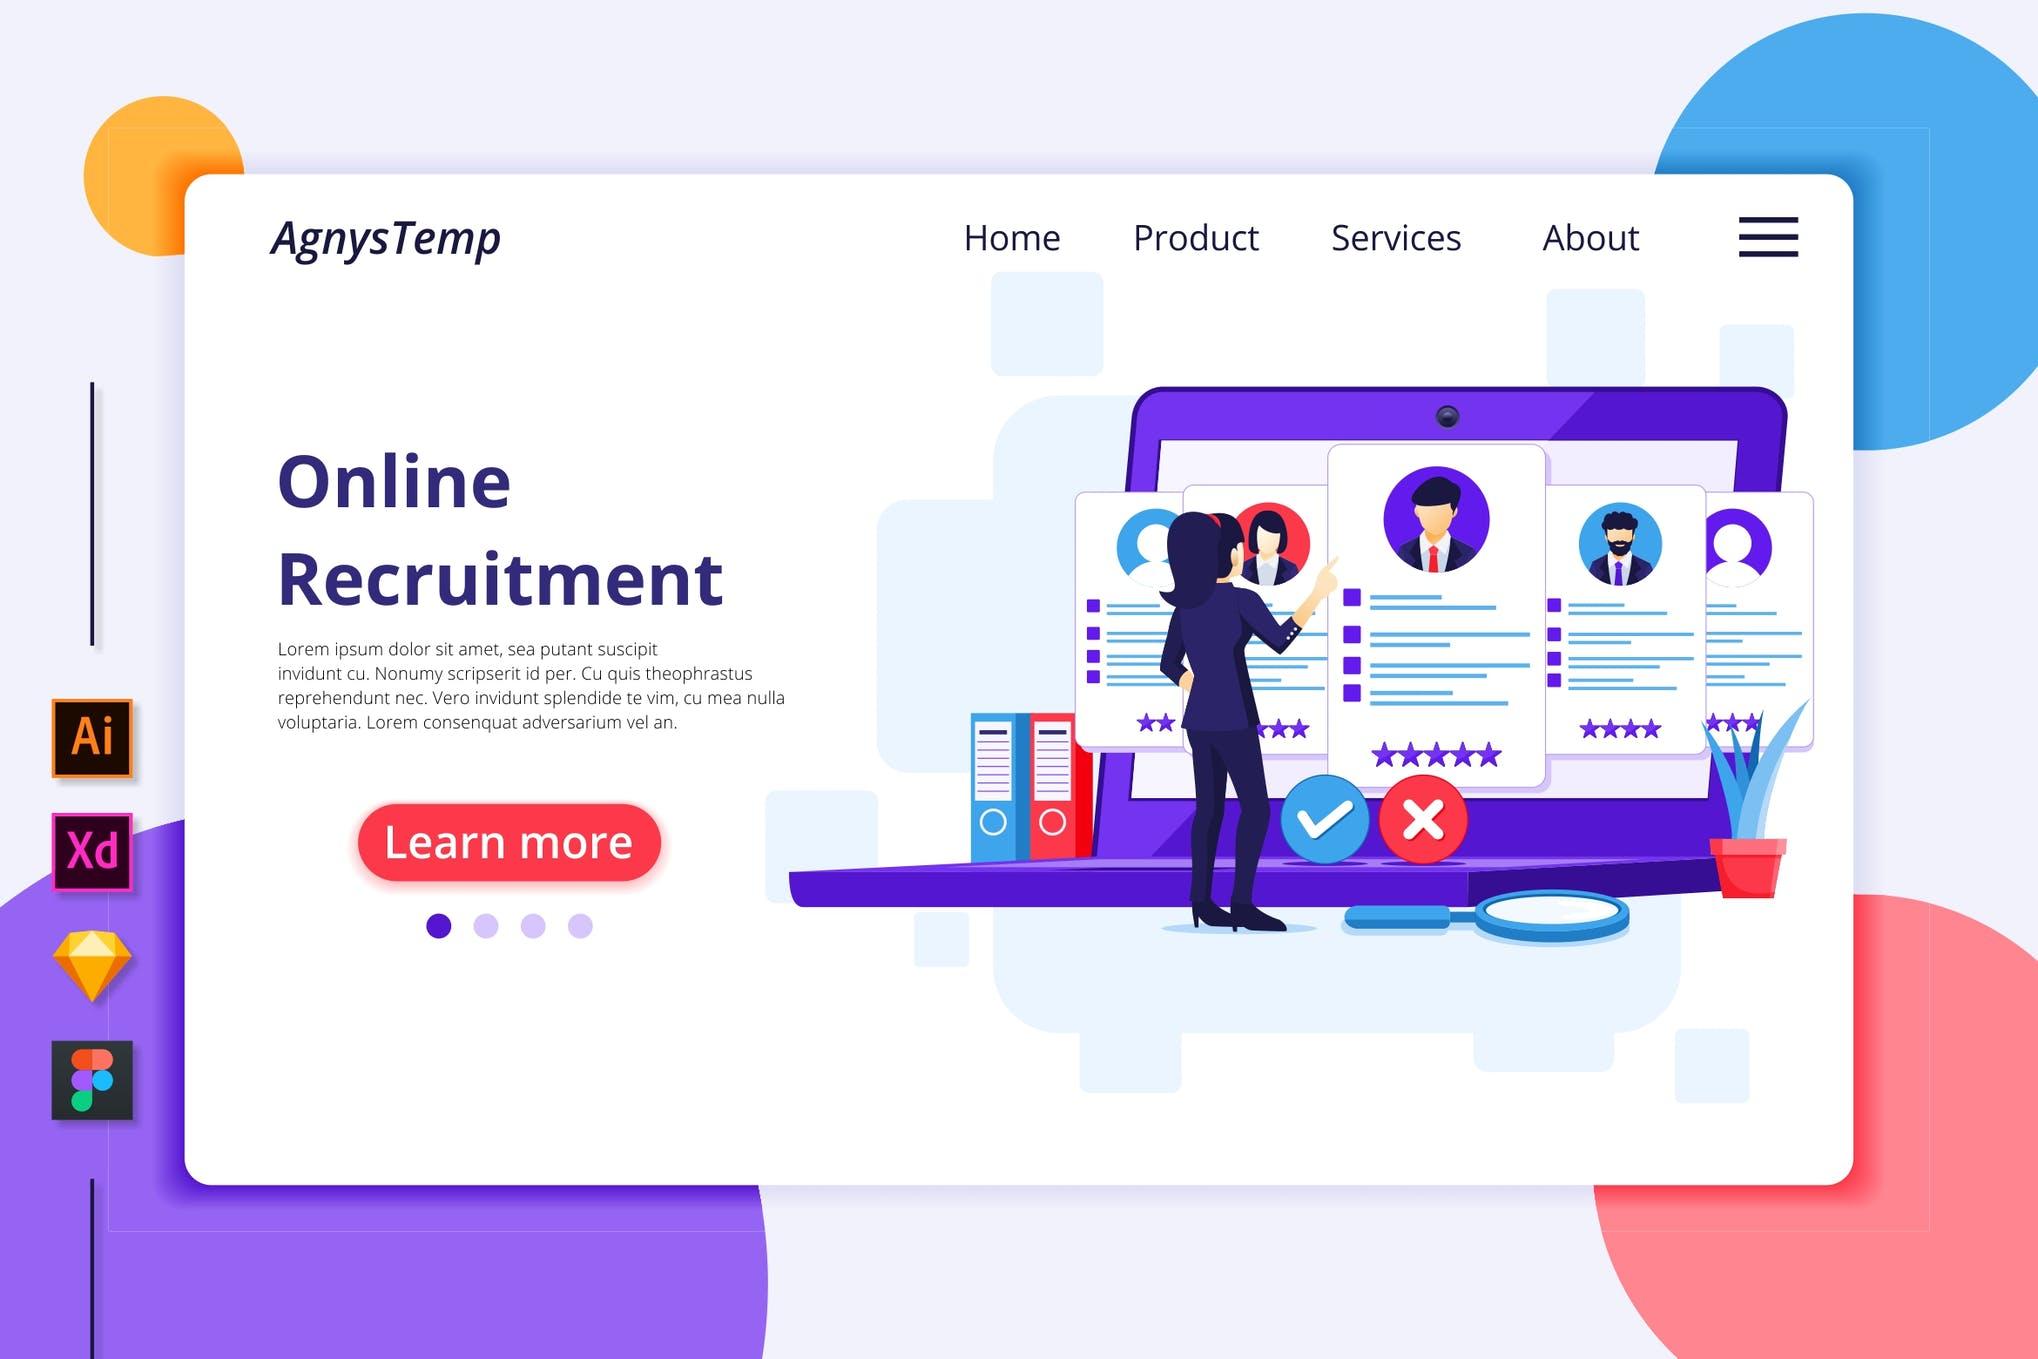 Agnytemp-招聘插图v6 网页模板banner图素材下载